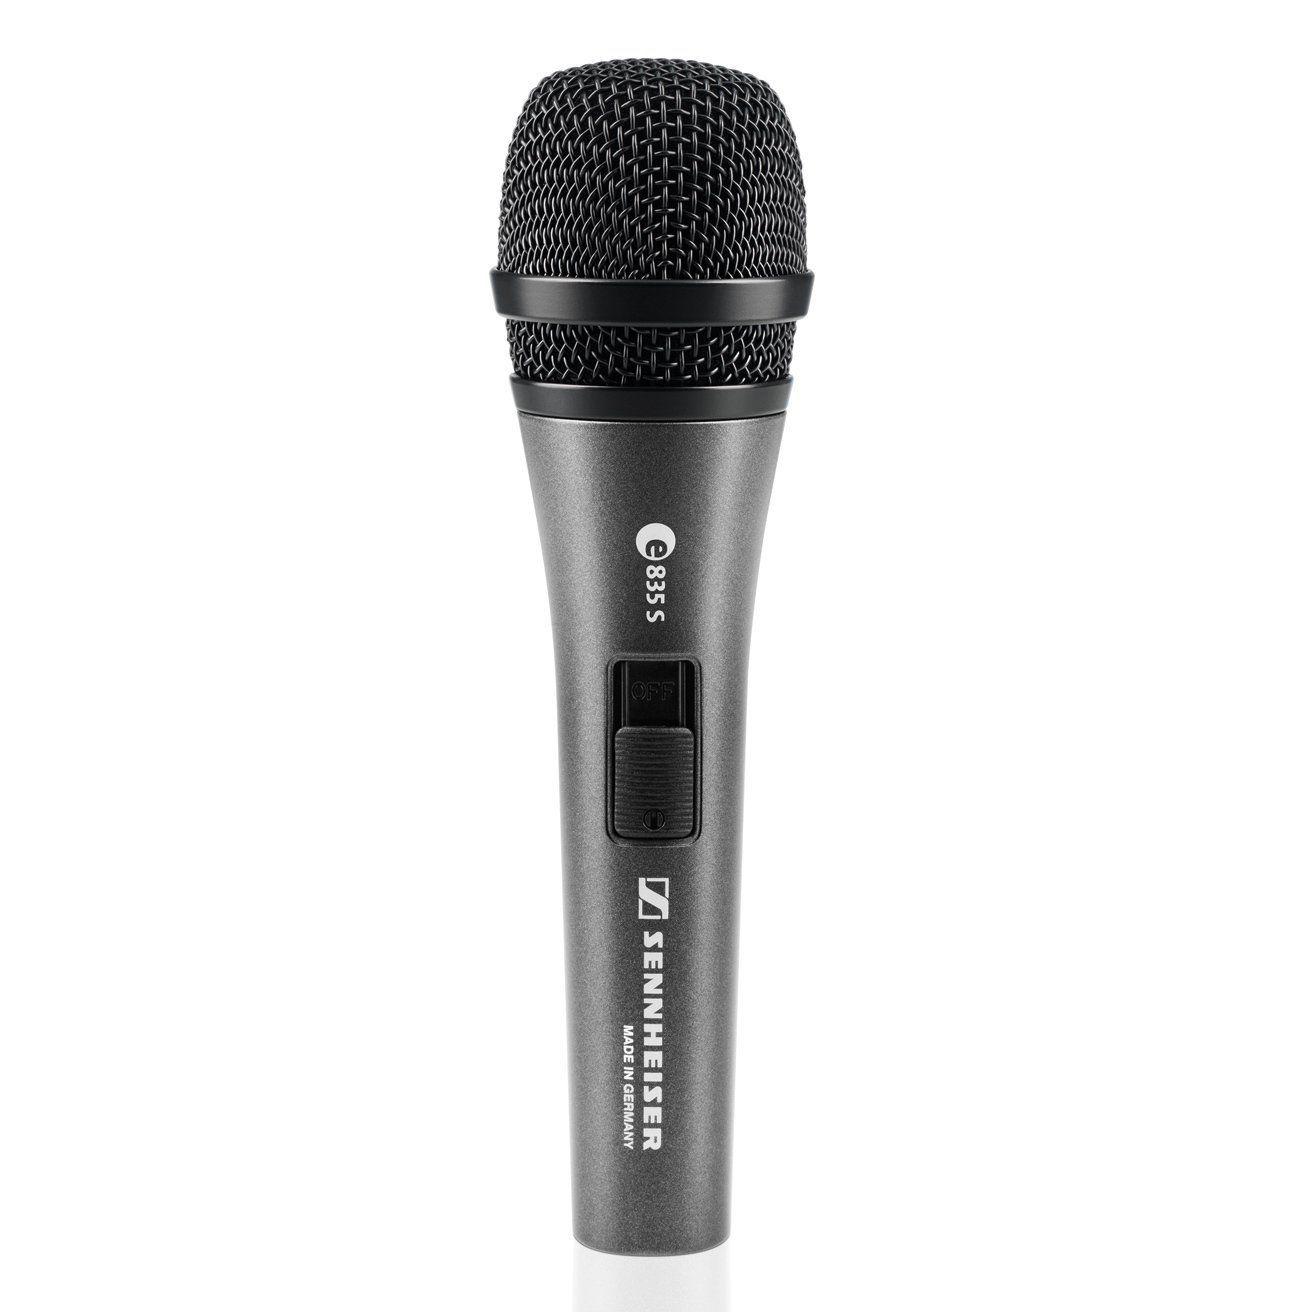 Sennheiser e 835 S Gesangsmikrofon, dynamisch, Niere, Schalter